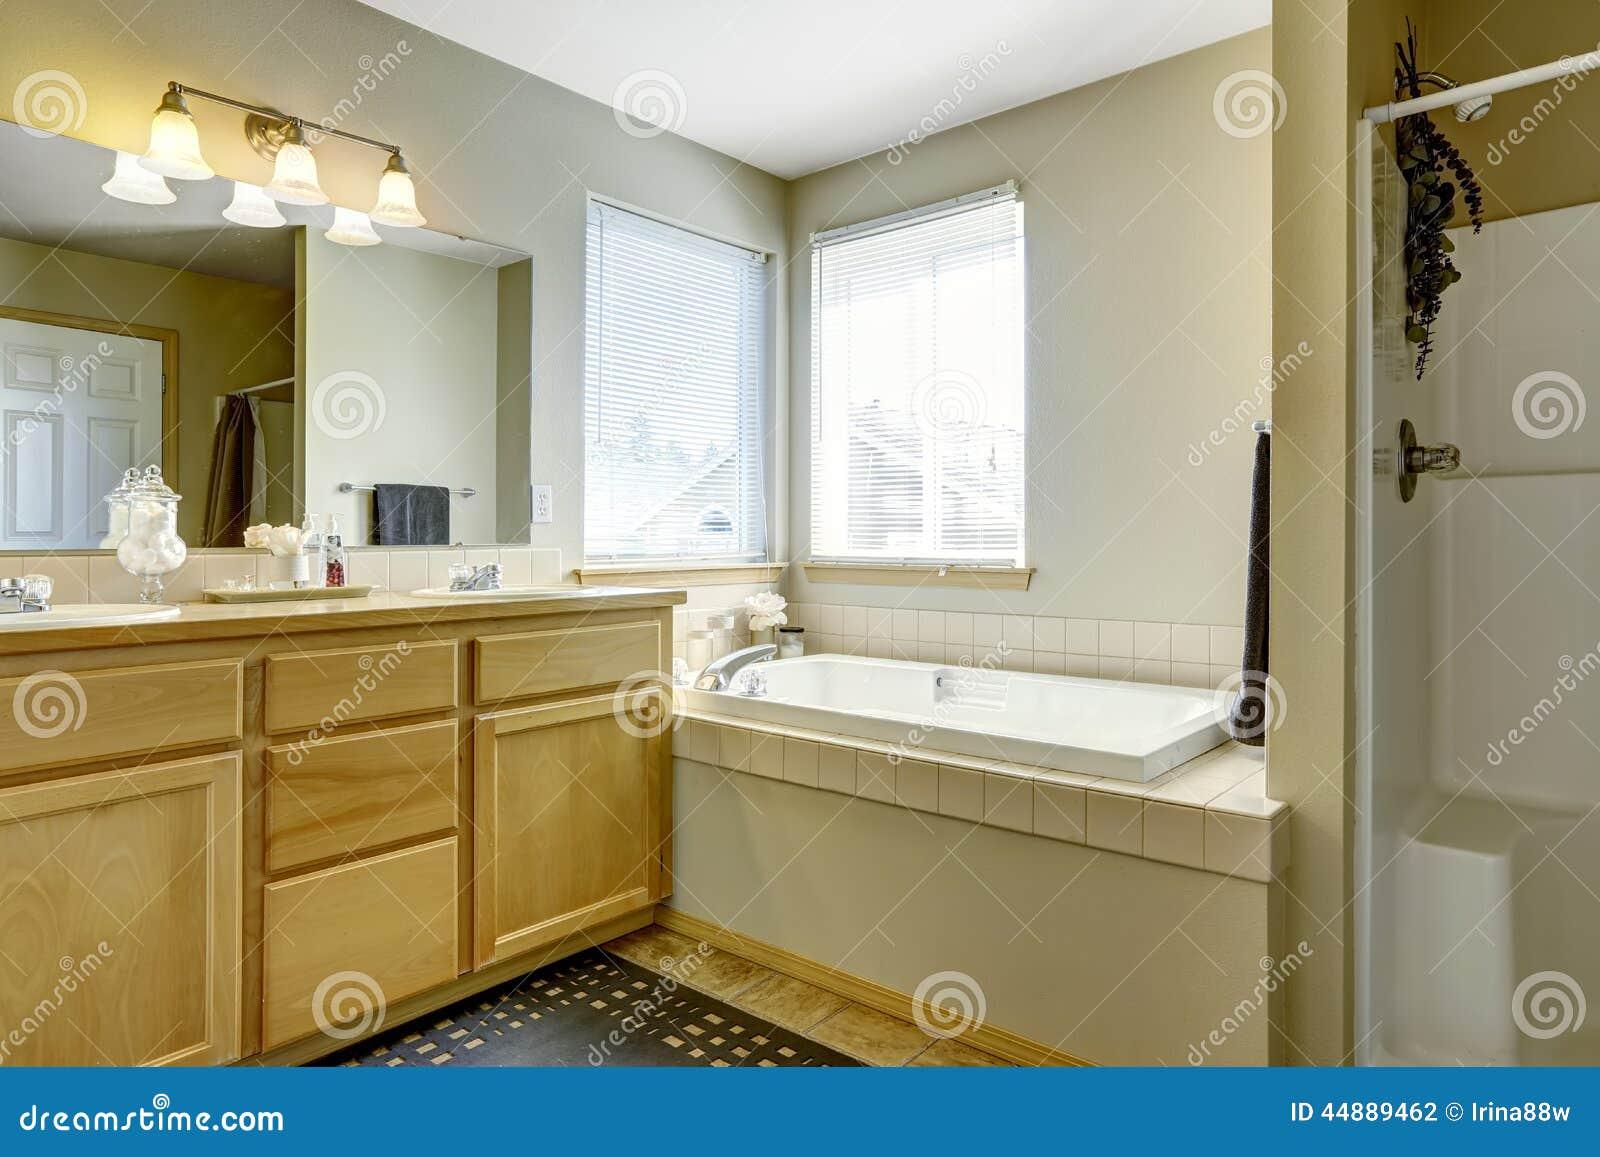 Vasca Da Bagno Semplice : Interno semplice del bagno con la vasca da bagno nellangolo